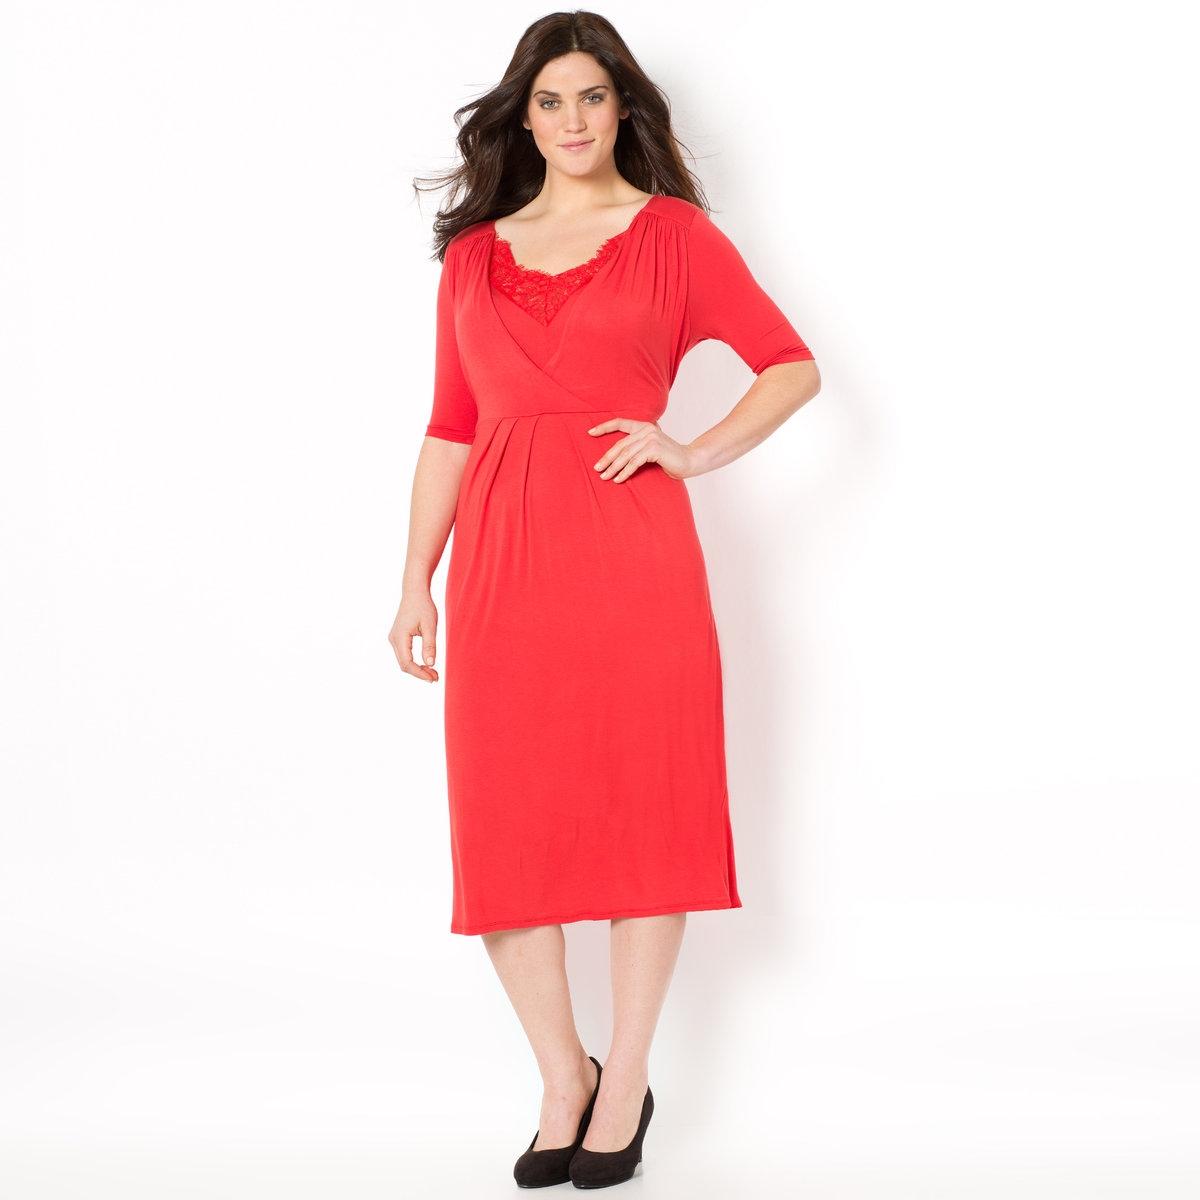 Платье с запахомТрикотажное платье с запахом.Расклешенный покрой. V-образный вырез с контрастным кружевом. Отрезное под грудью. Рукава до локтей. Трикотаж джерси, 95% вискозы, 5% эластана. Длина 100 см.<br><br>Цвет: красный<br>Размер: 42 (FR) - 48 (RUS)